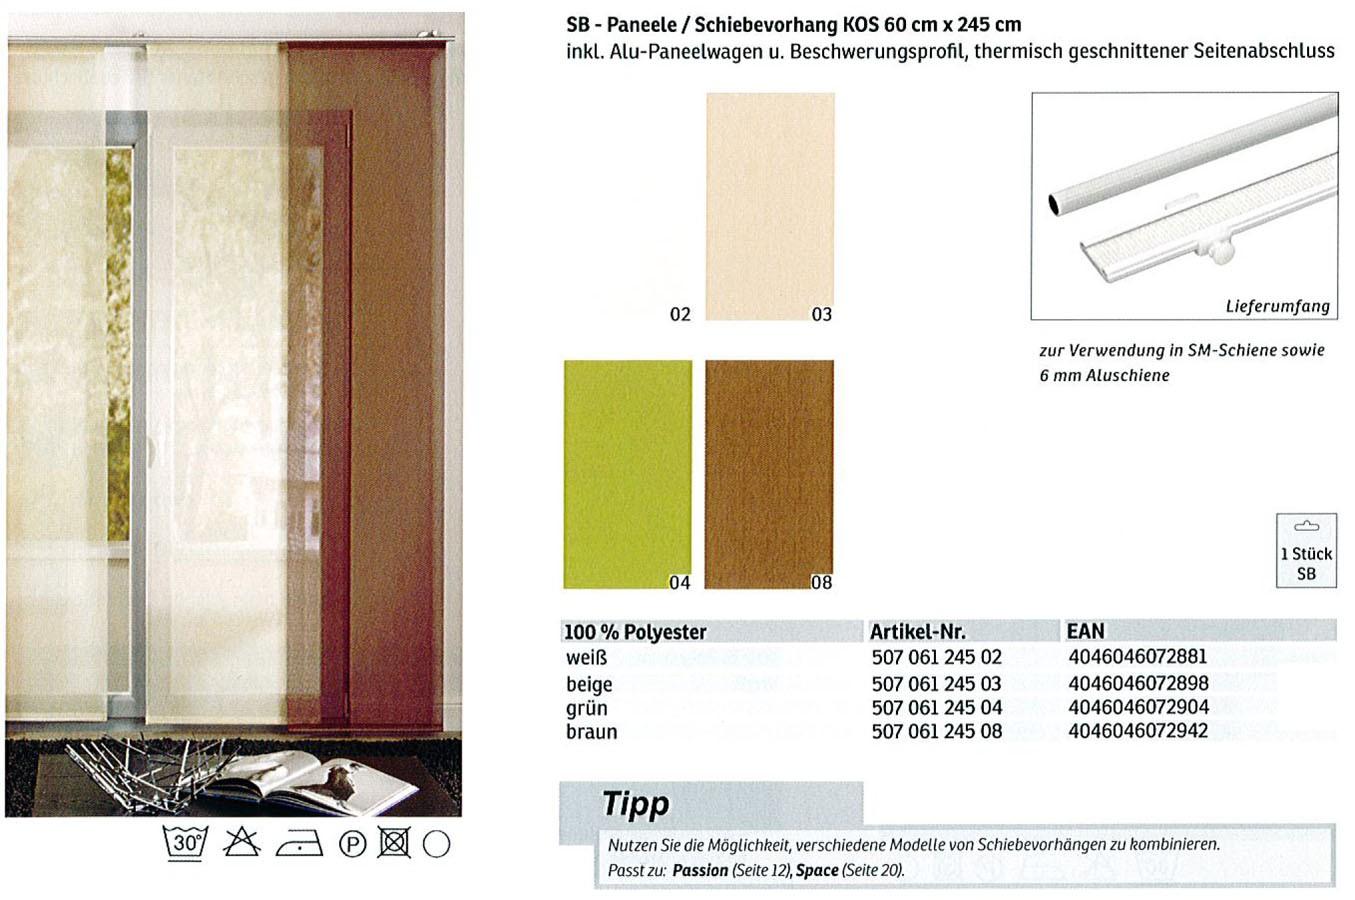 SB-Paneele / Schiebevorhang Kos beige 60 x 245 cm